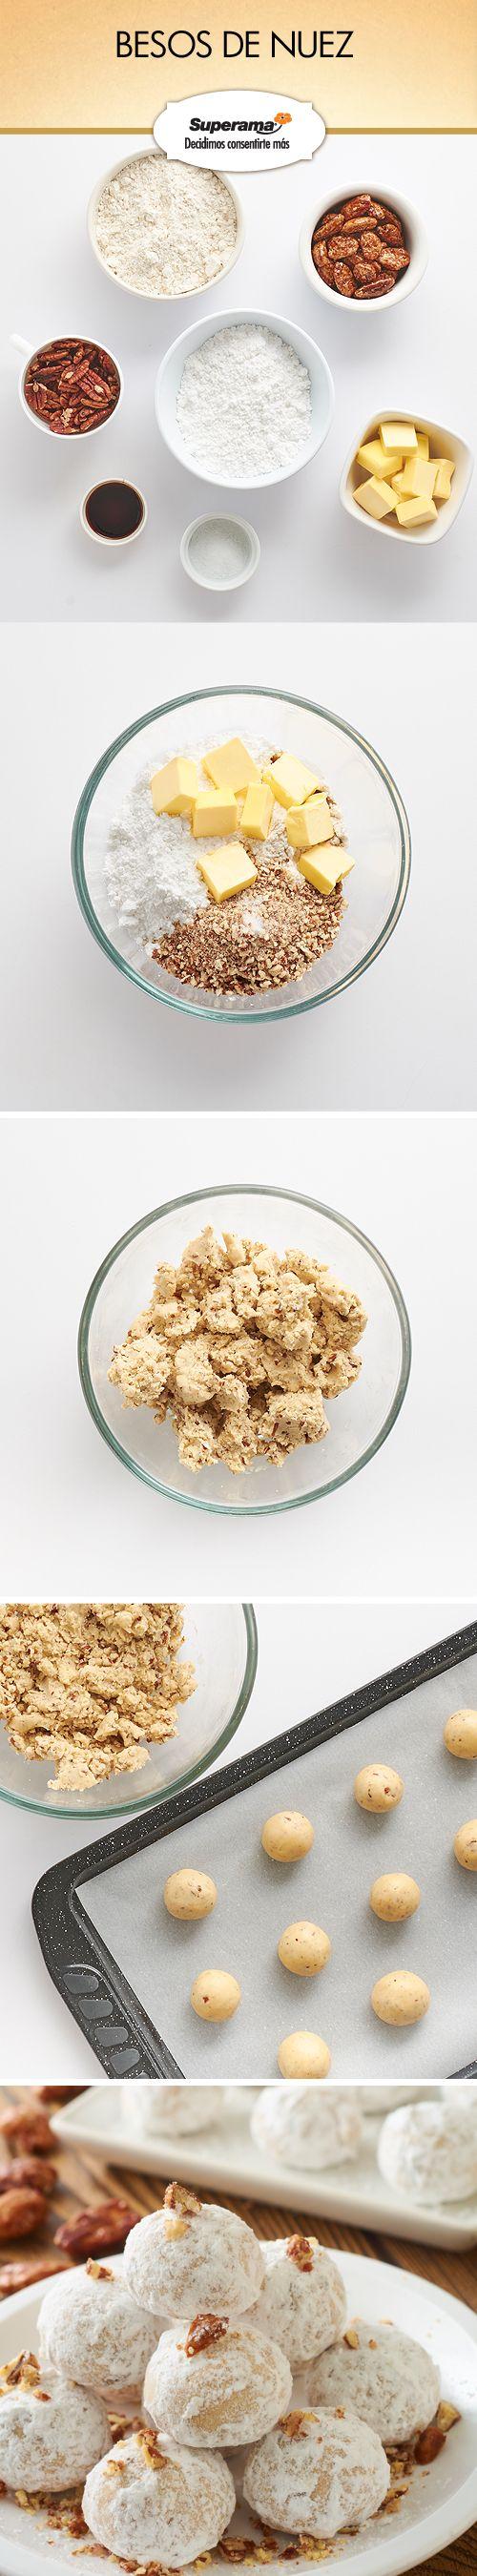 #Besos de #nuez: Mezcla 1 ½ tzs. de mantequilla, 1 tz. de azúcar glass, 1 tz. de nueces quebradas, 3 ¼ tzs. de harina, 2 cdas. de vainilla y 1 pizca de sal hasta que formes una masa. Haz bolitas de 2 cm de diámetro y hornea en una charola con papel para hornear a 180 ºC por 20 min. Deja enfriar. Revuelca las bolitas en 1 tz. de azúcar glass y decora con nueces garapiñadas.